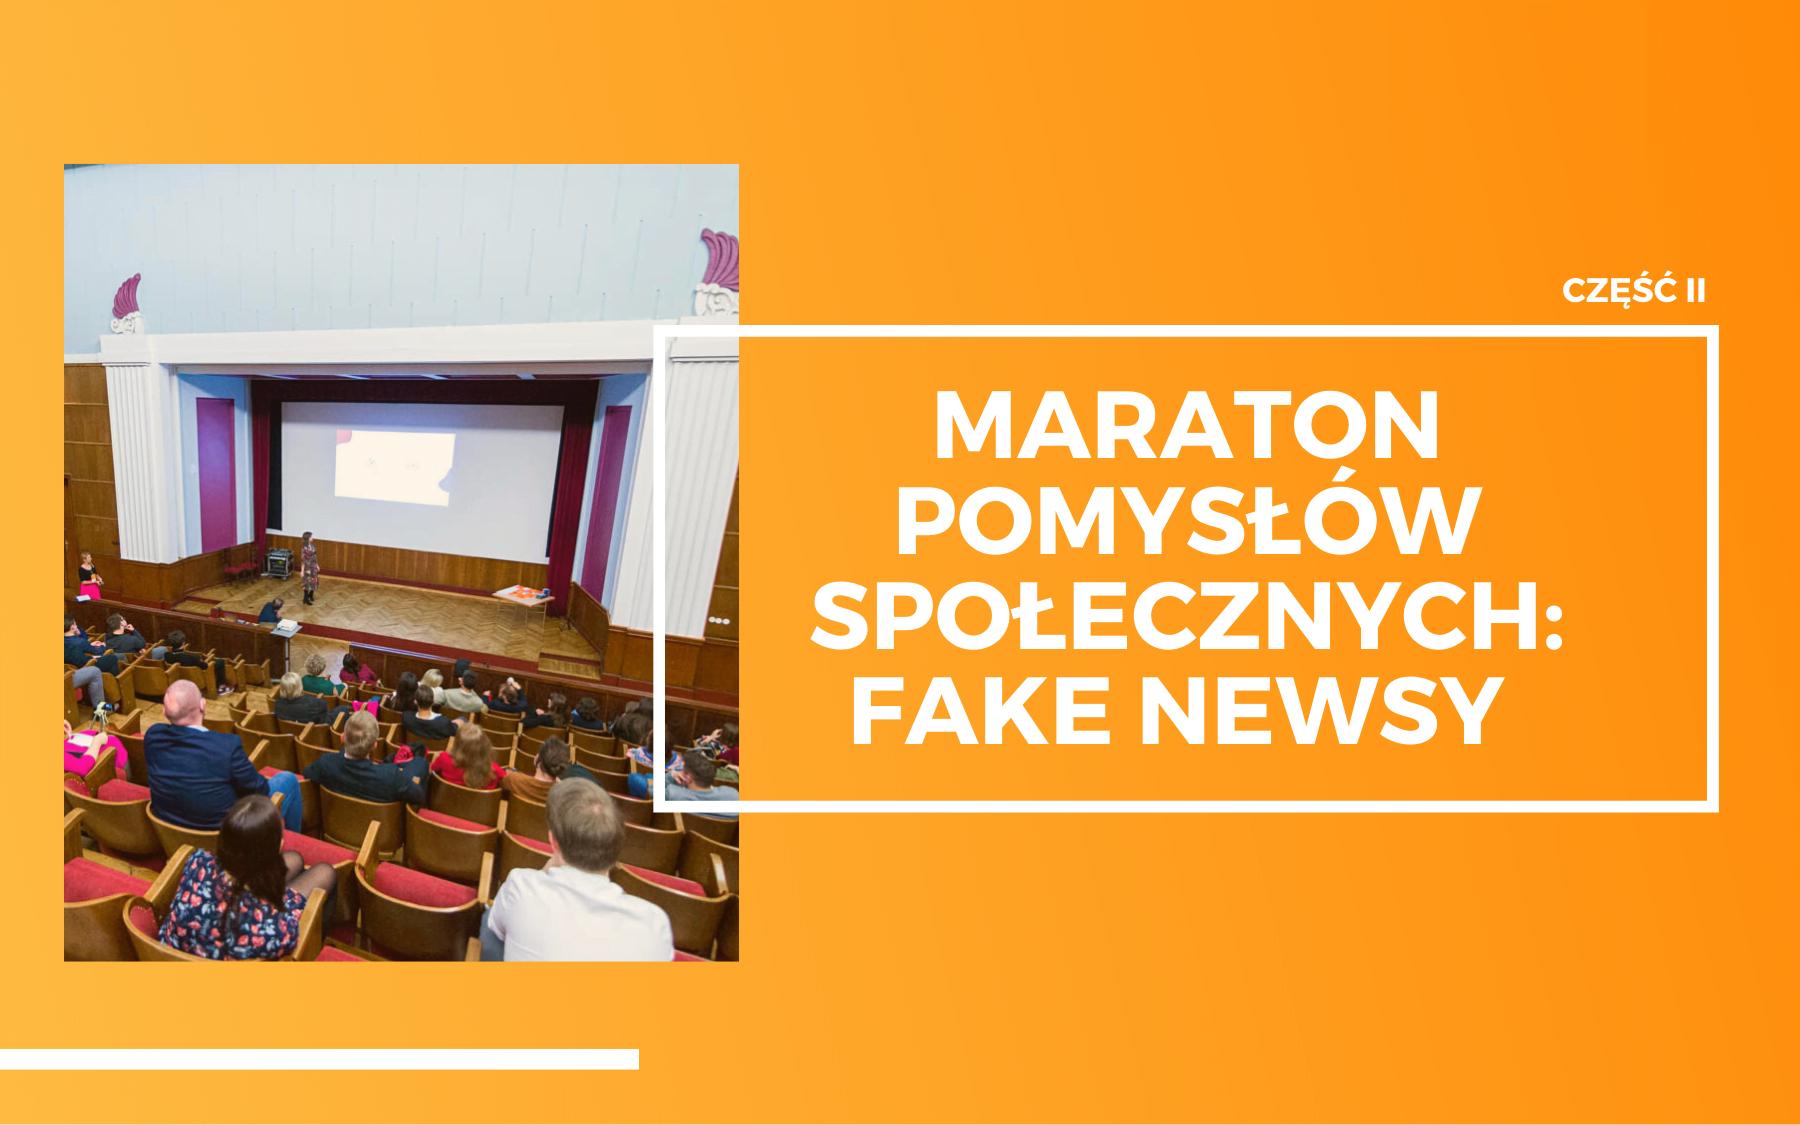 Sala wykładowa podczas prelekcji w trakcie wydarzenia Maraton Pomysłów Społecznych: Fake news